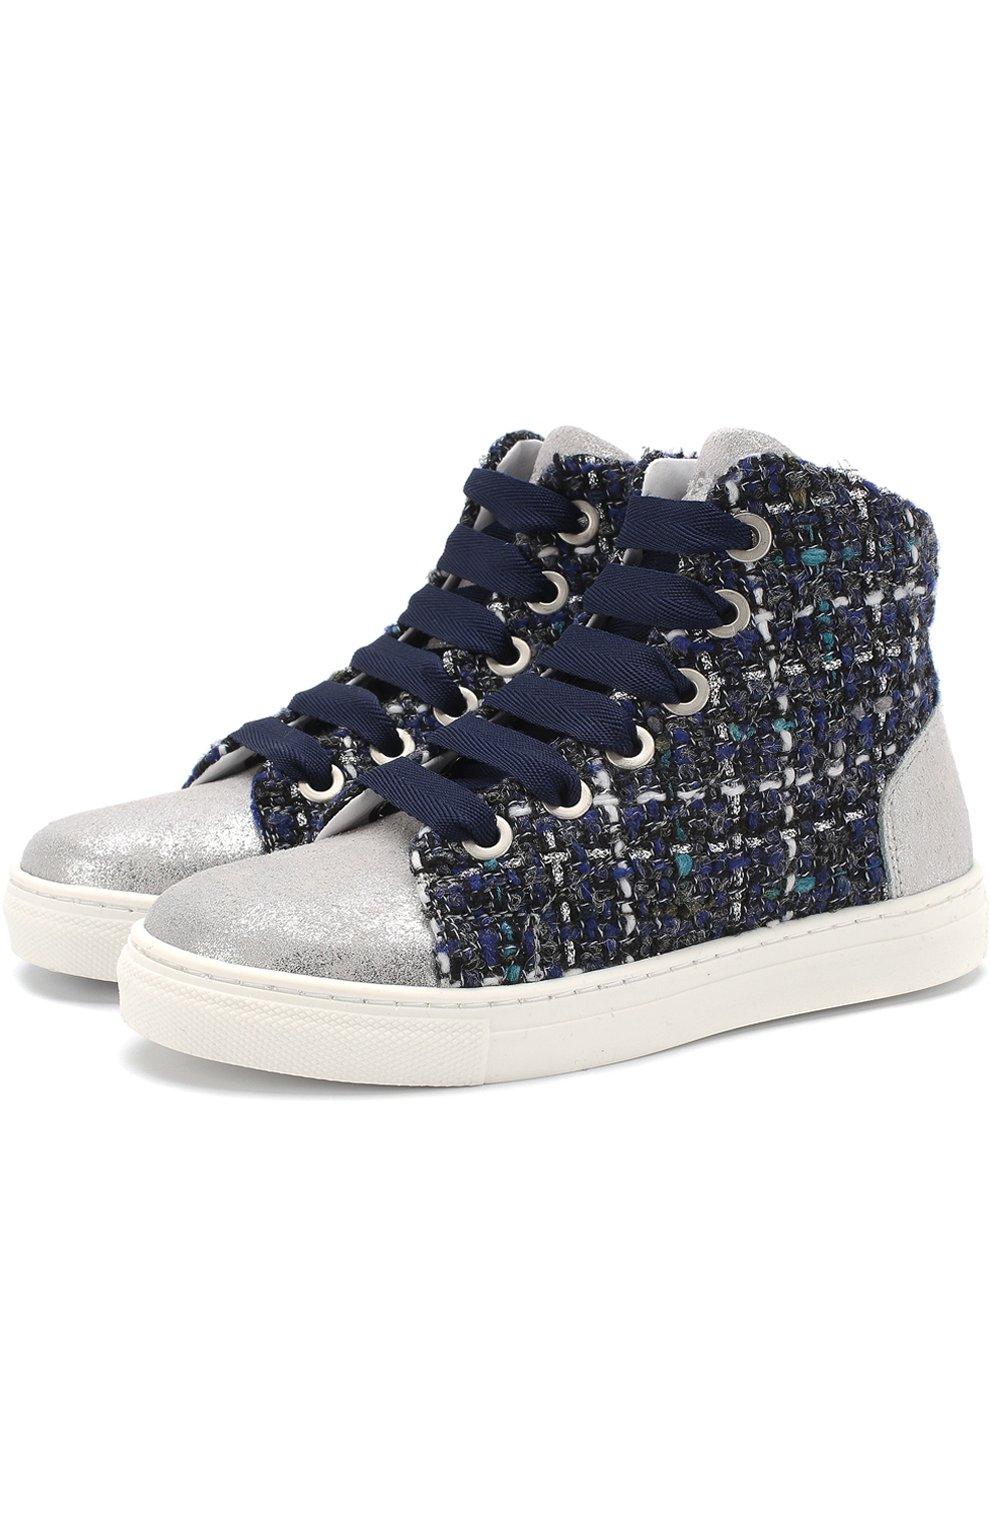 1c1cd8ea Спортивная обувь для девочек Jog Dog, размер 32, по цене от 5 530 руб.  купить в интернет-магазине ЦУМ